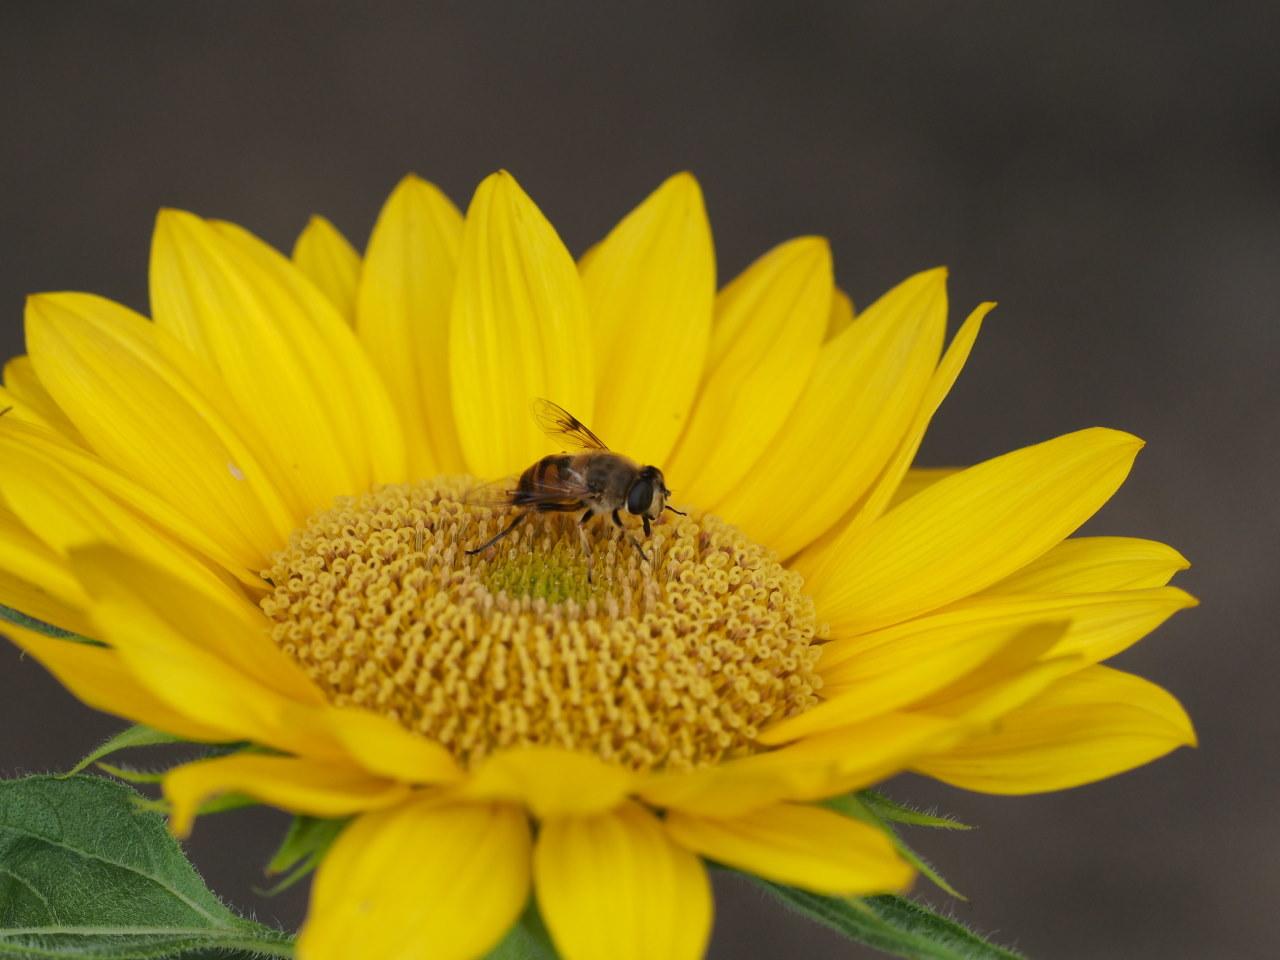 榛名湖畔で避暑がてら おもに虫撮り_c0305565_17333842.jpg